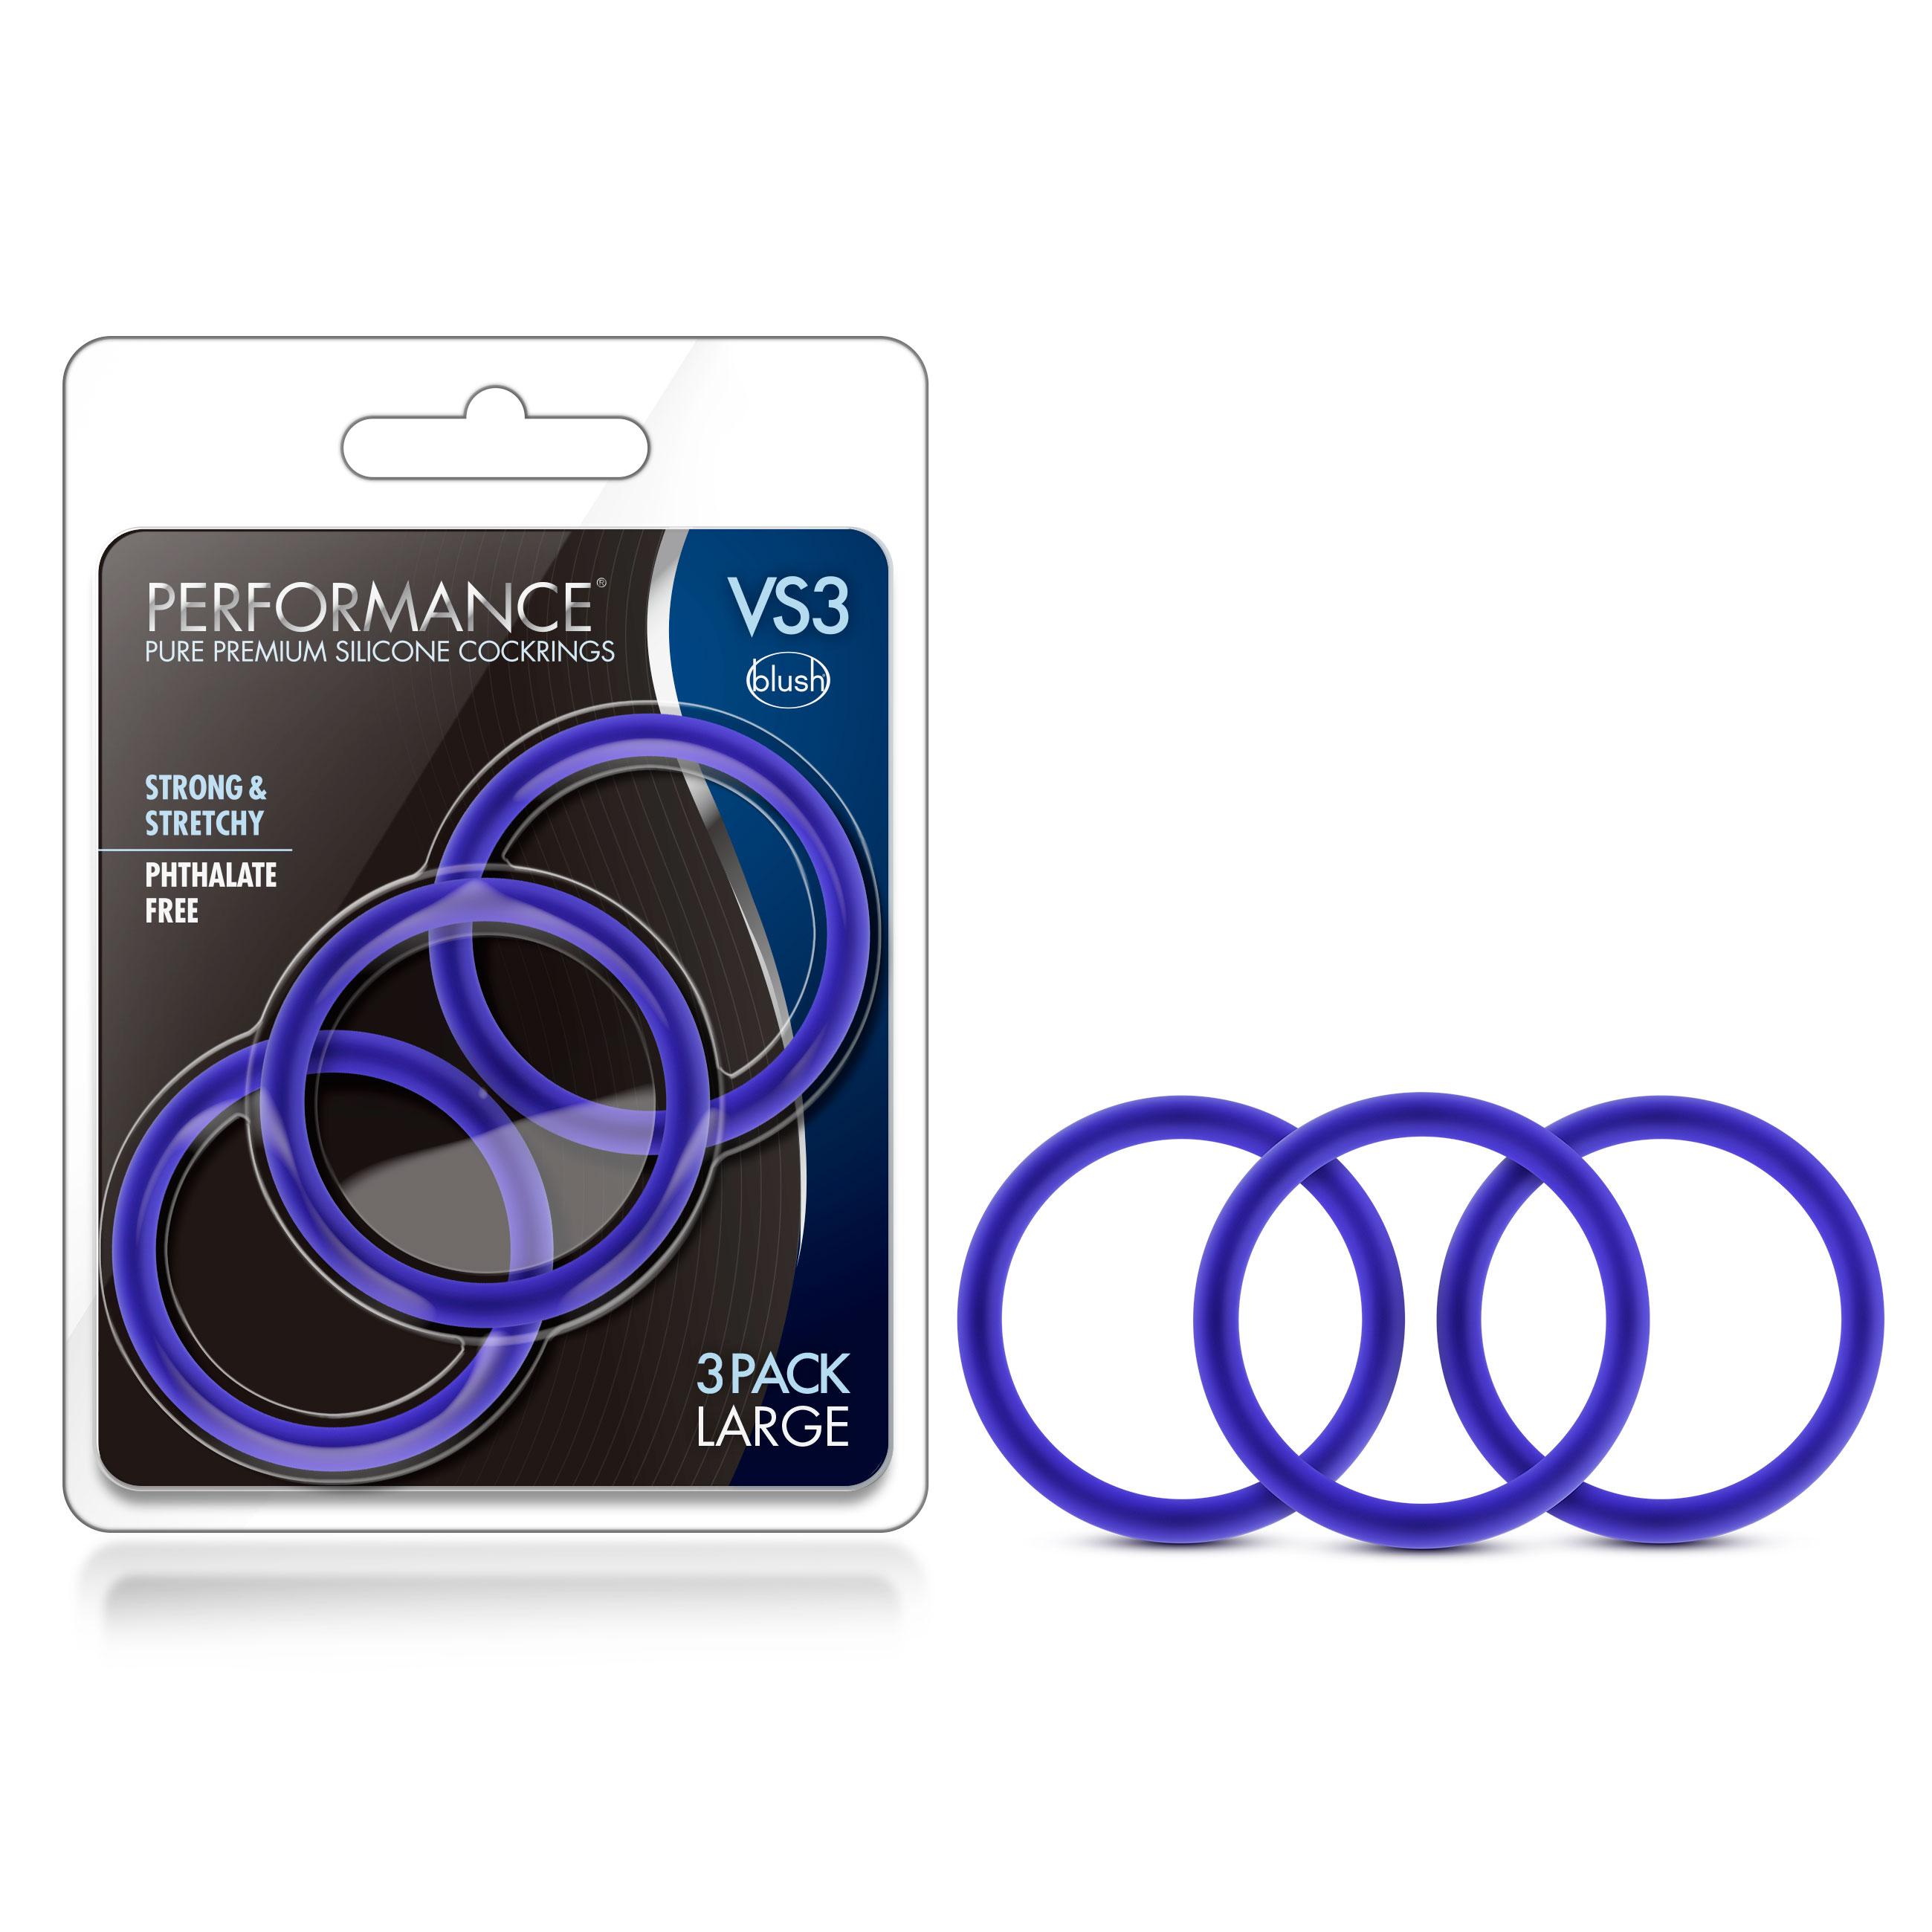 Performance - VS3 Pure Premium Silicone Cock Rings - Large - Indigo